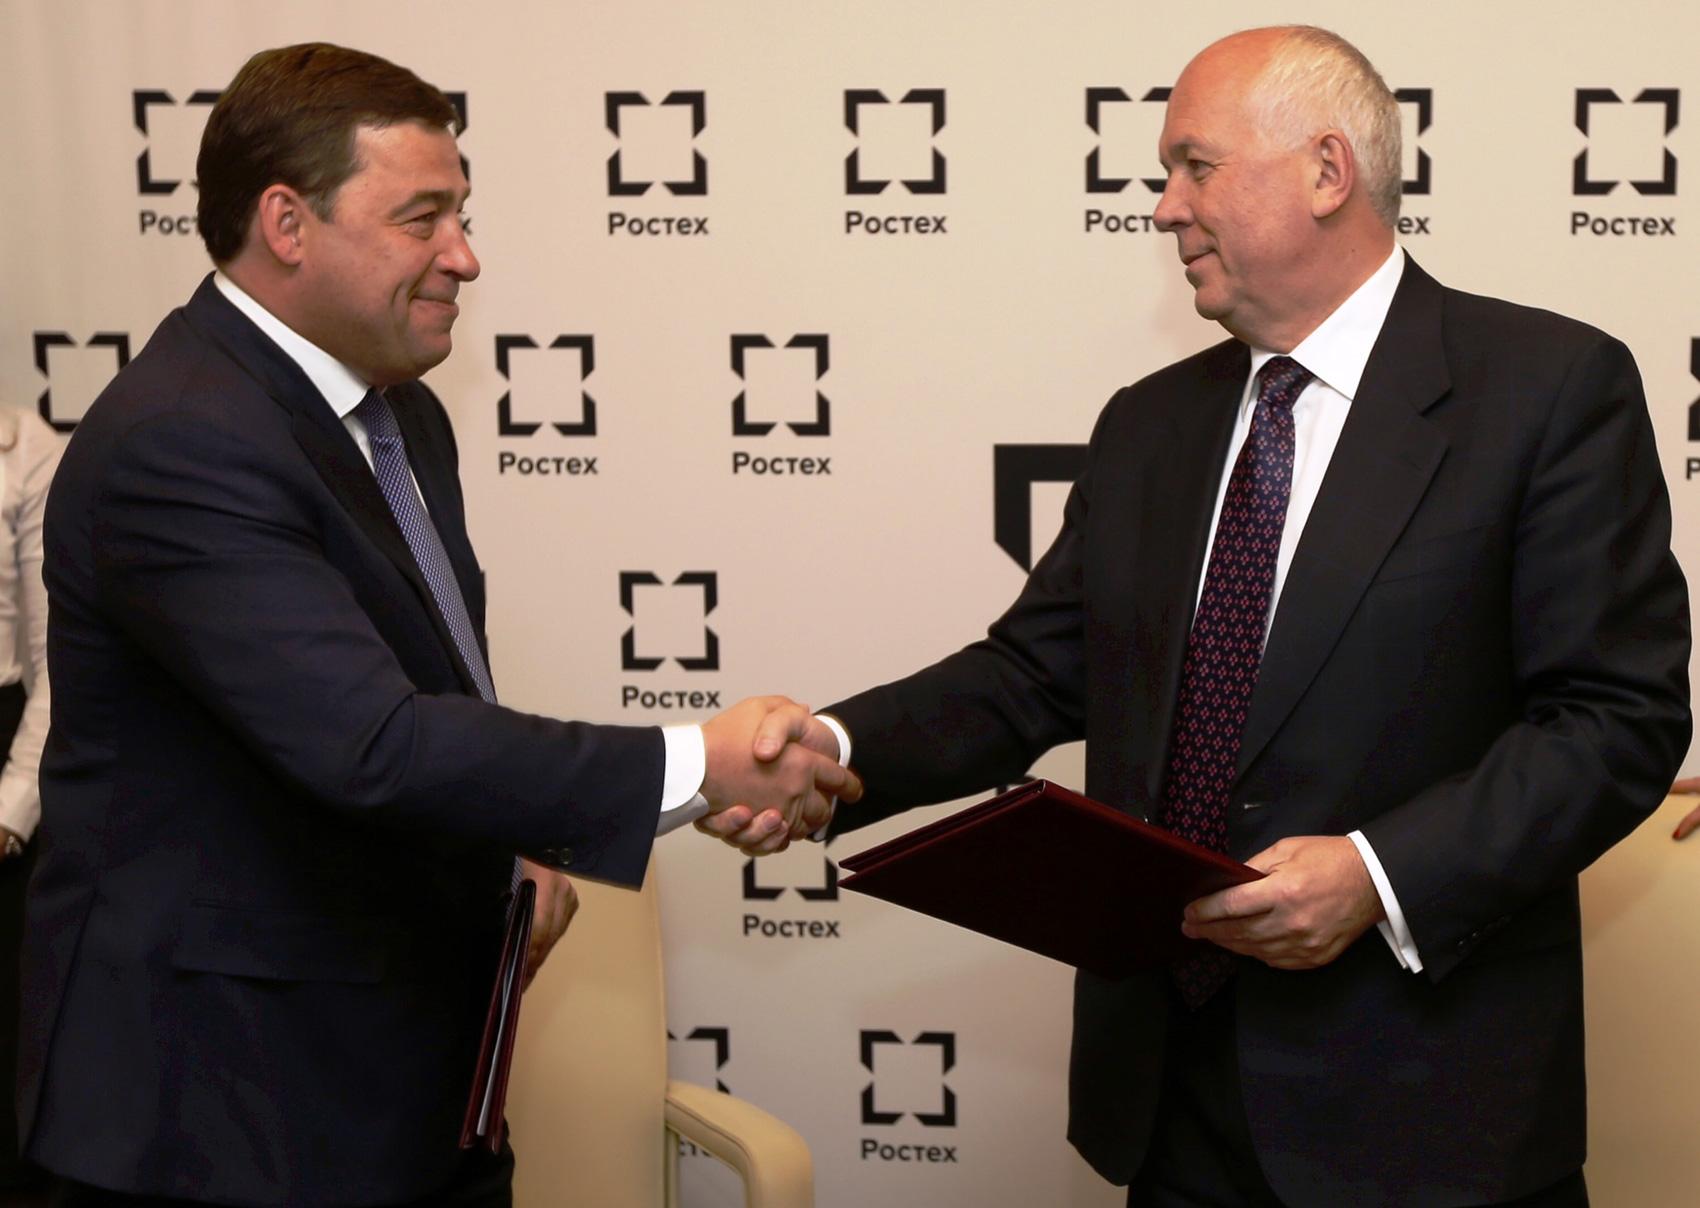 Генеральный директор Ростеха Сергей Чемезов и губернатор Свердловской области Евгений Кувайшев